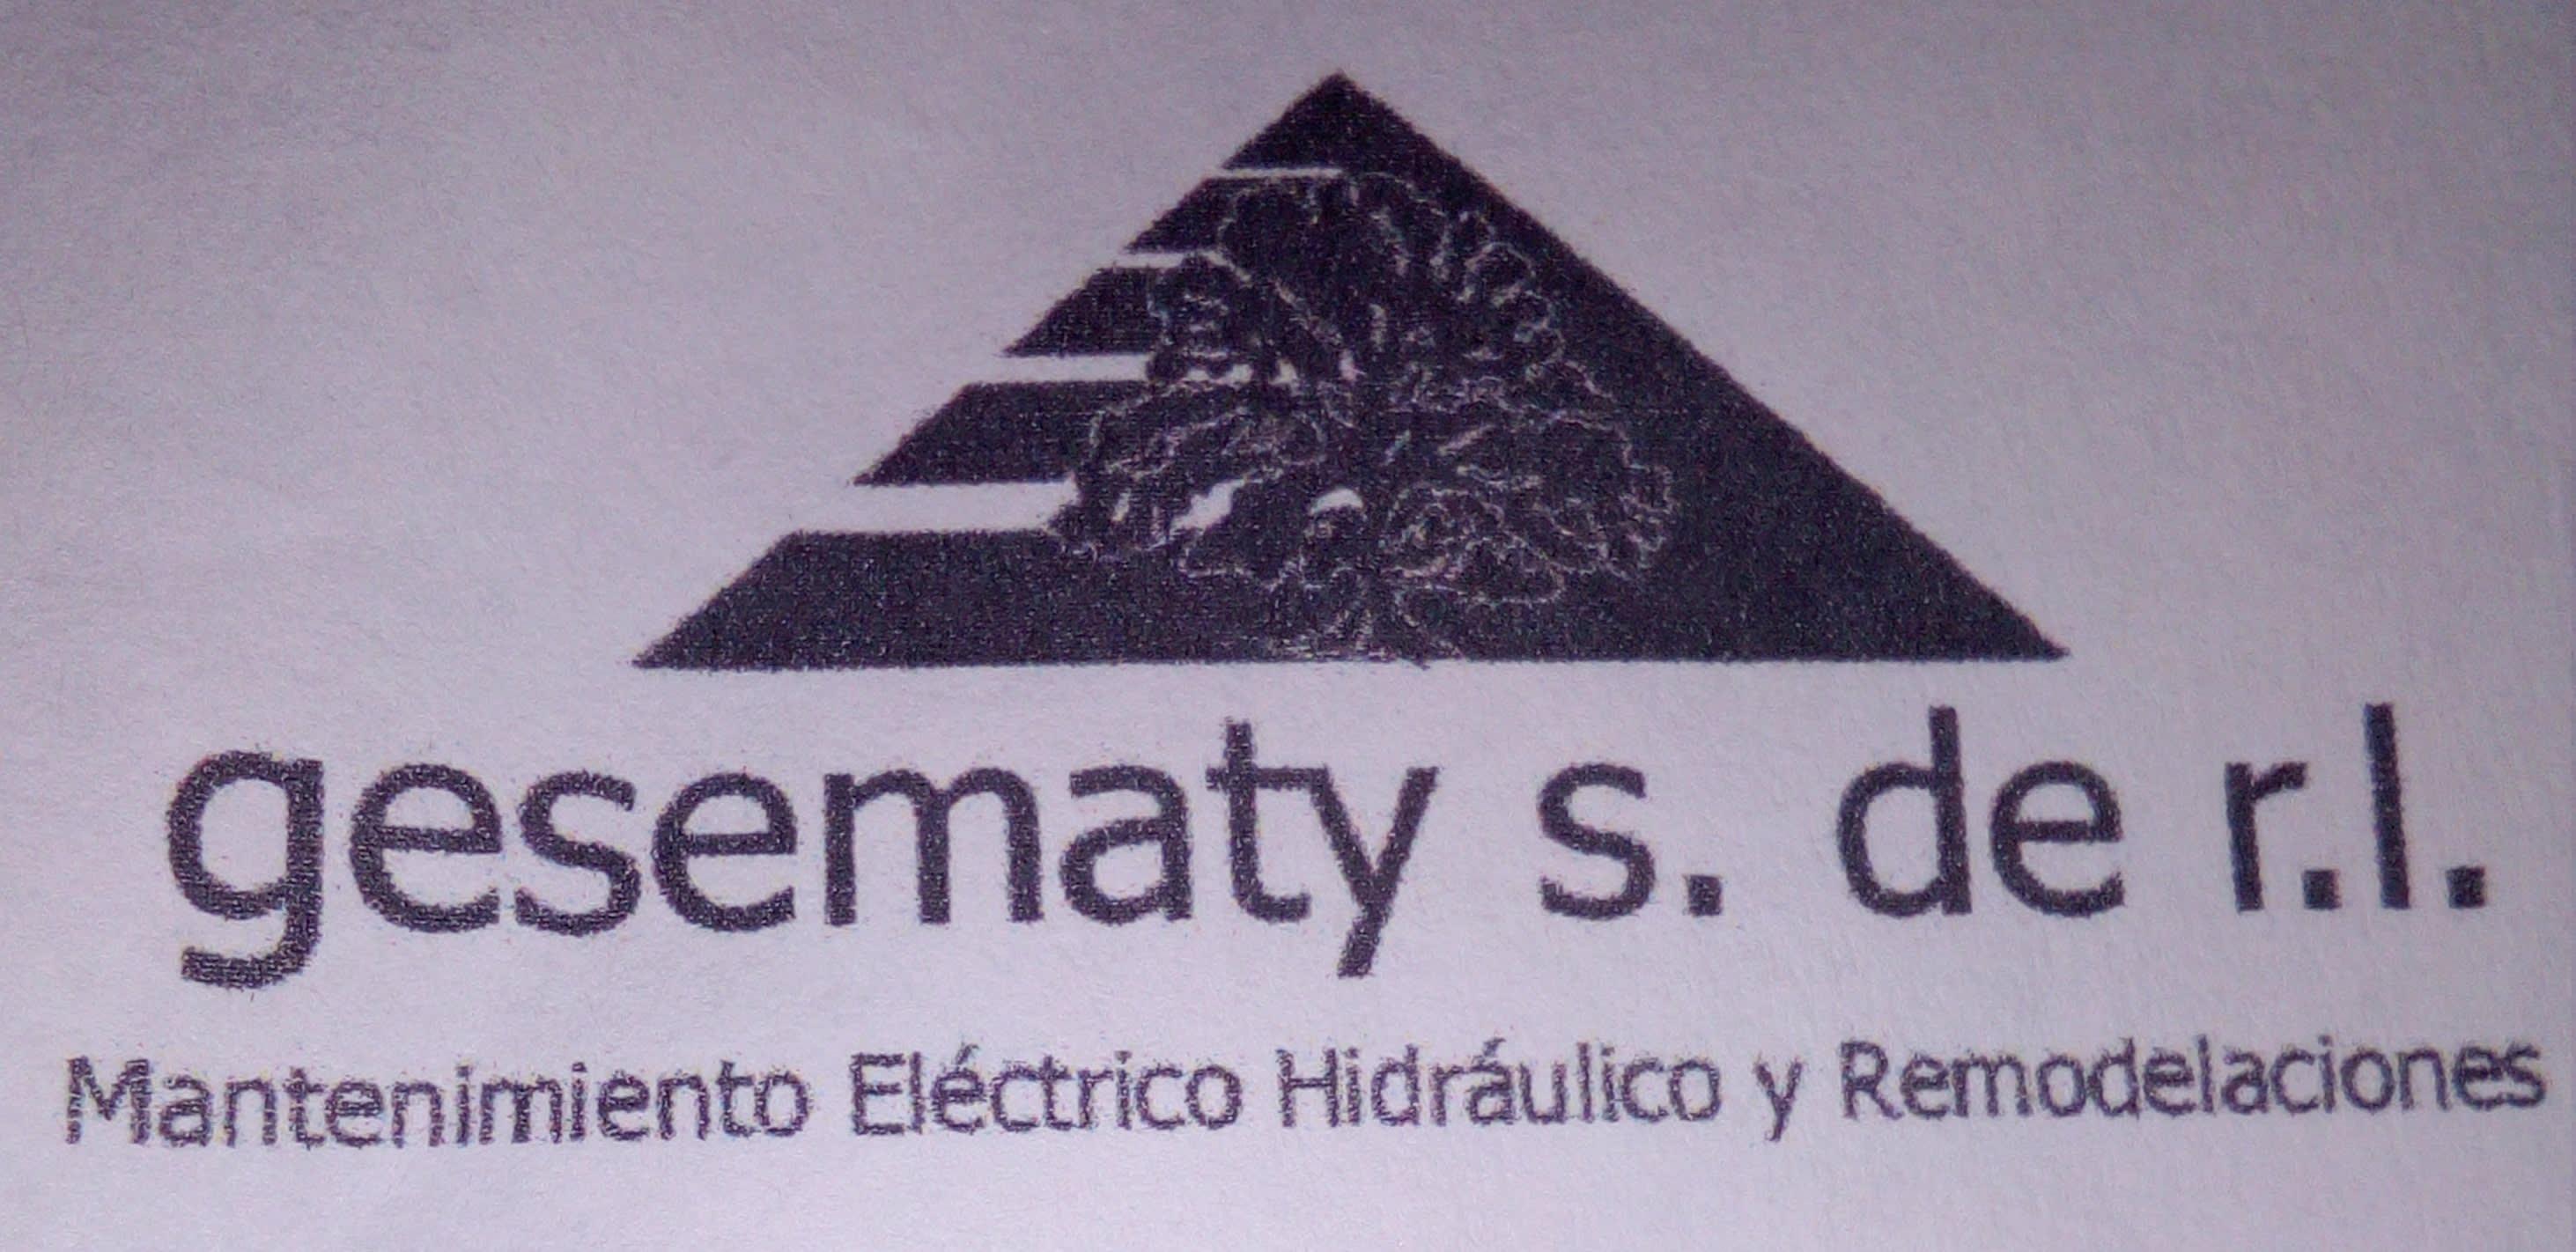 Gysematy